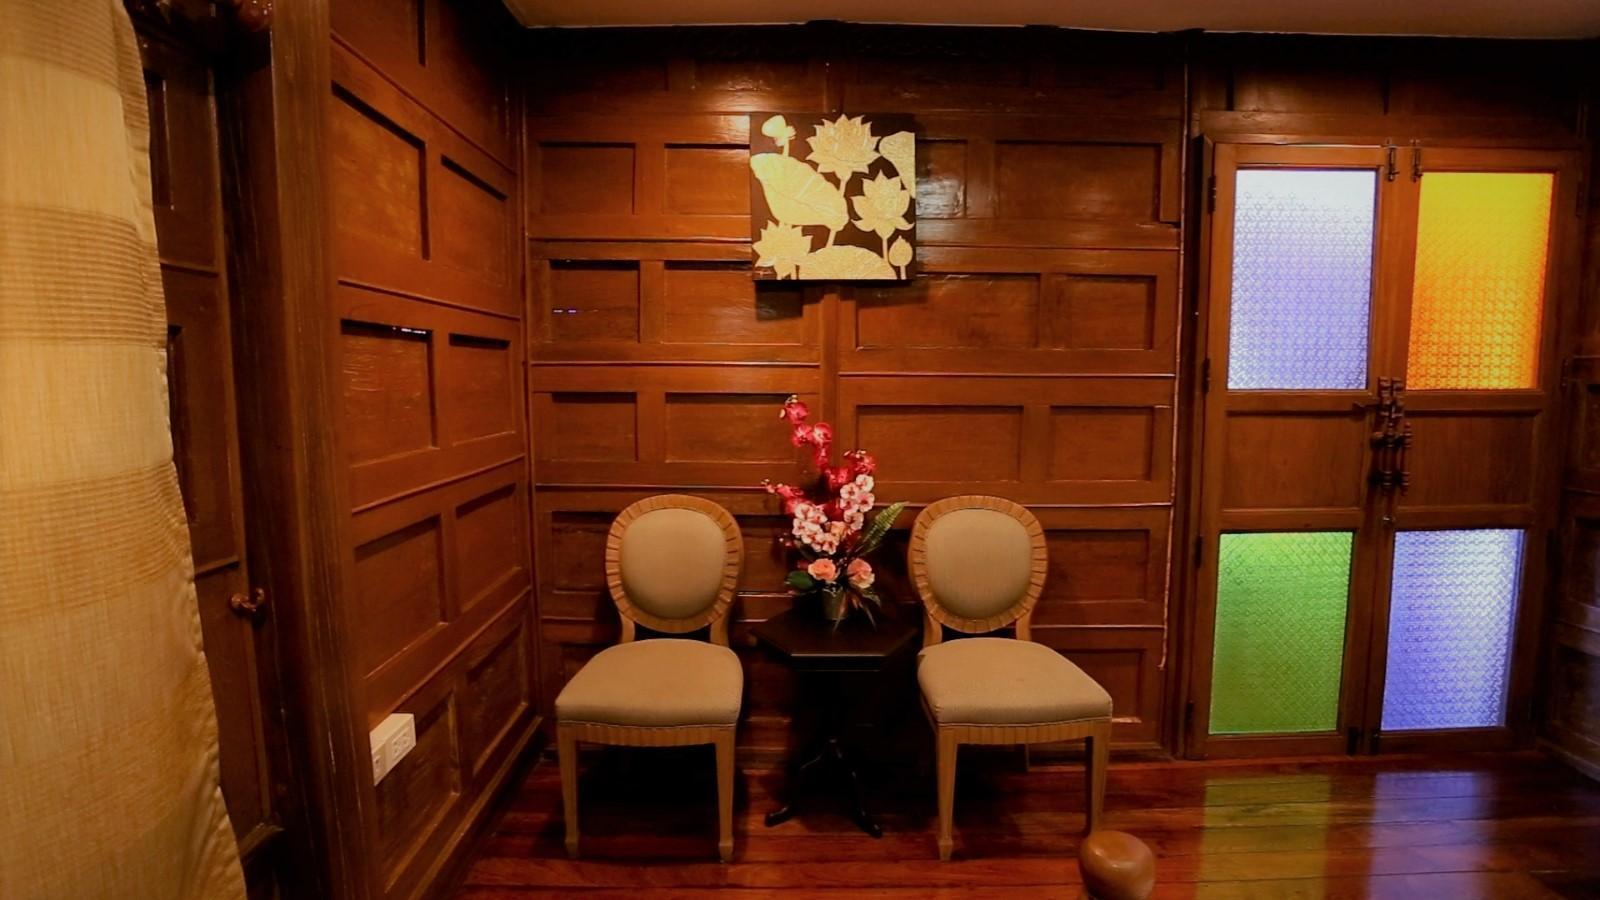 Rean thai manee Lanna House, Chaing Mai บ้านเดี่ยว 3 ห้องนอน 5 ห้องน้ำส่วนตัว ขนาด 80 ตร.ม. – หางดง